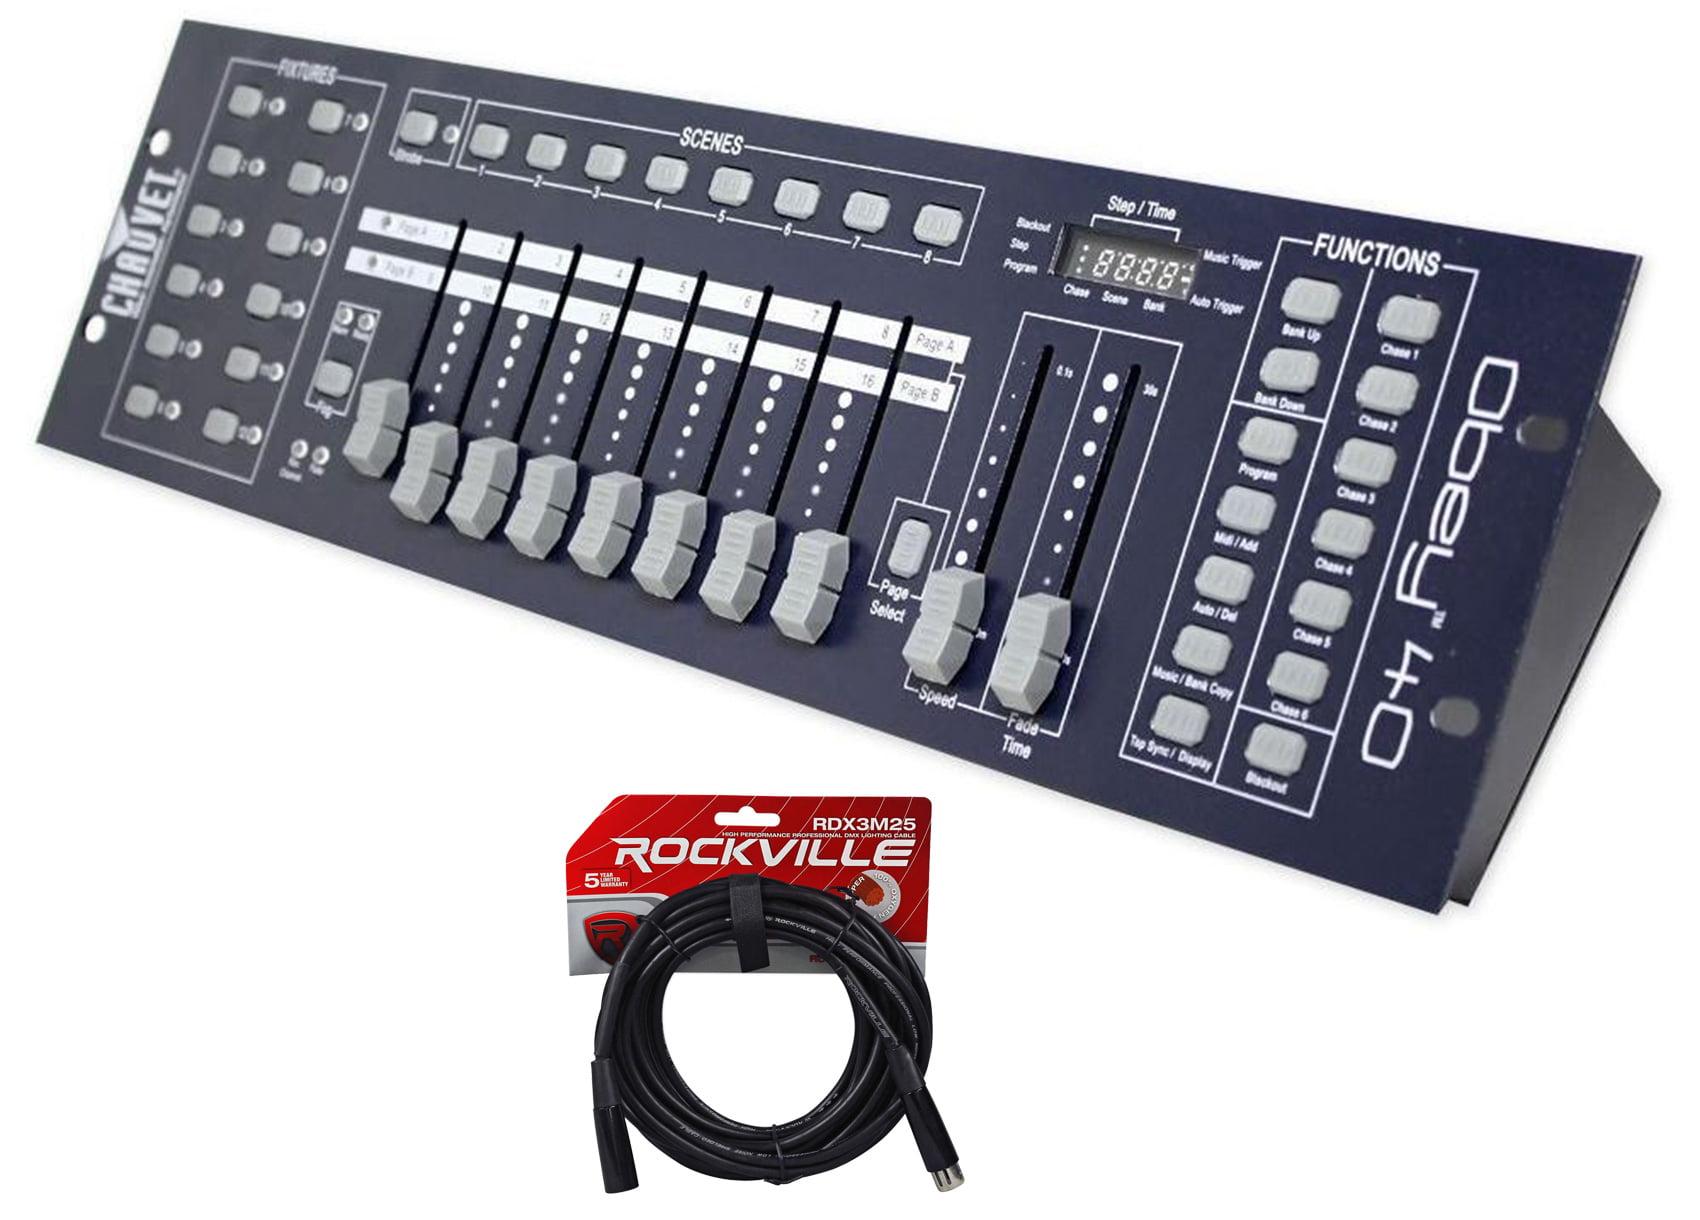 Chauvet DJ OBEY40 DMX 512 Light   Fog Controller +FREE 25' Foot DMX Cable by CHAUVET